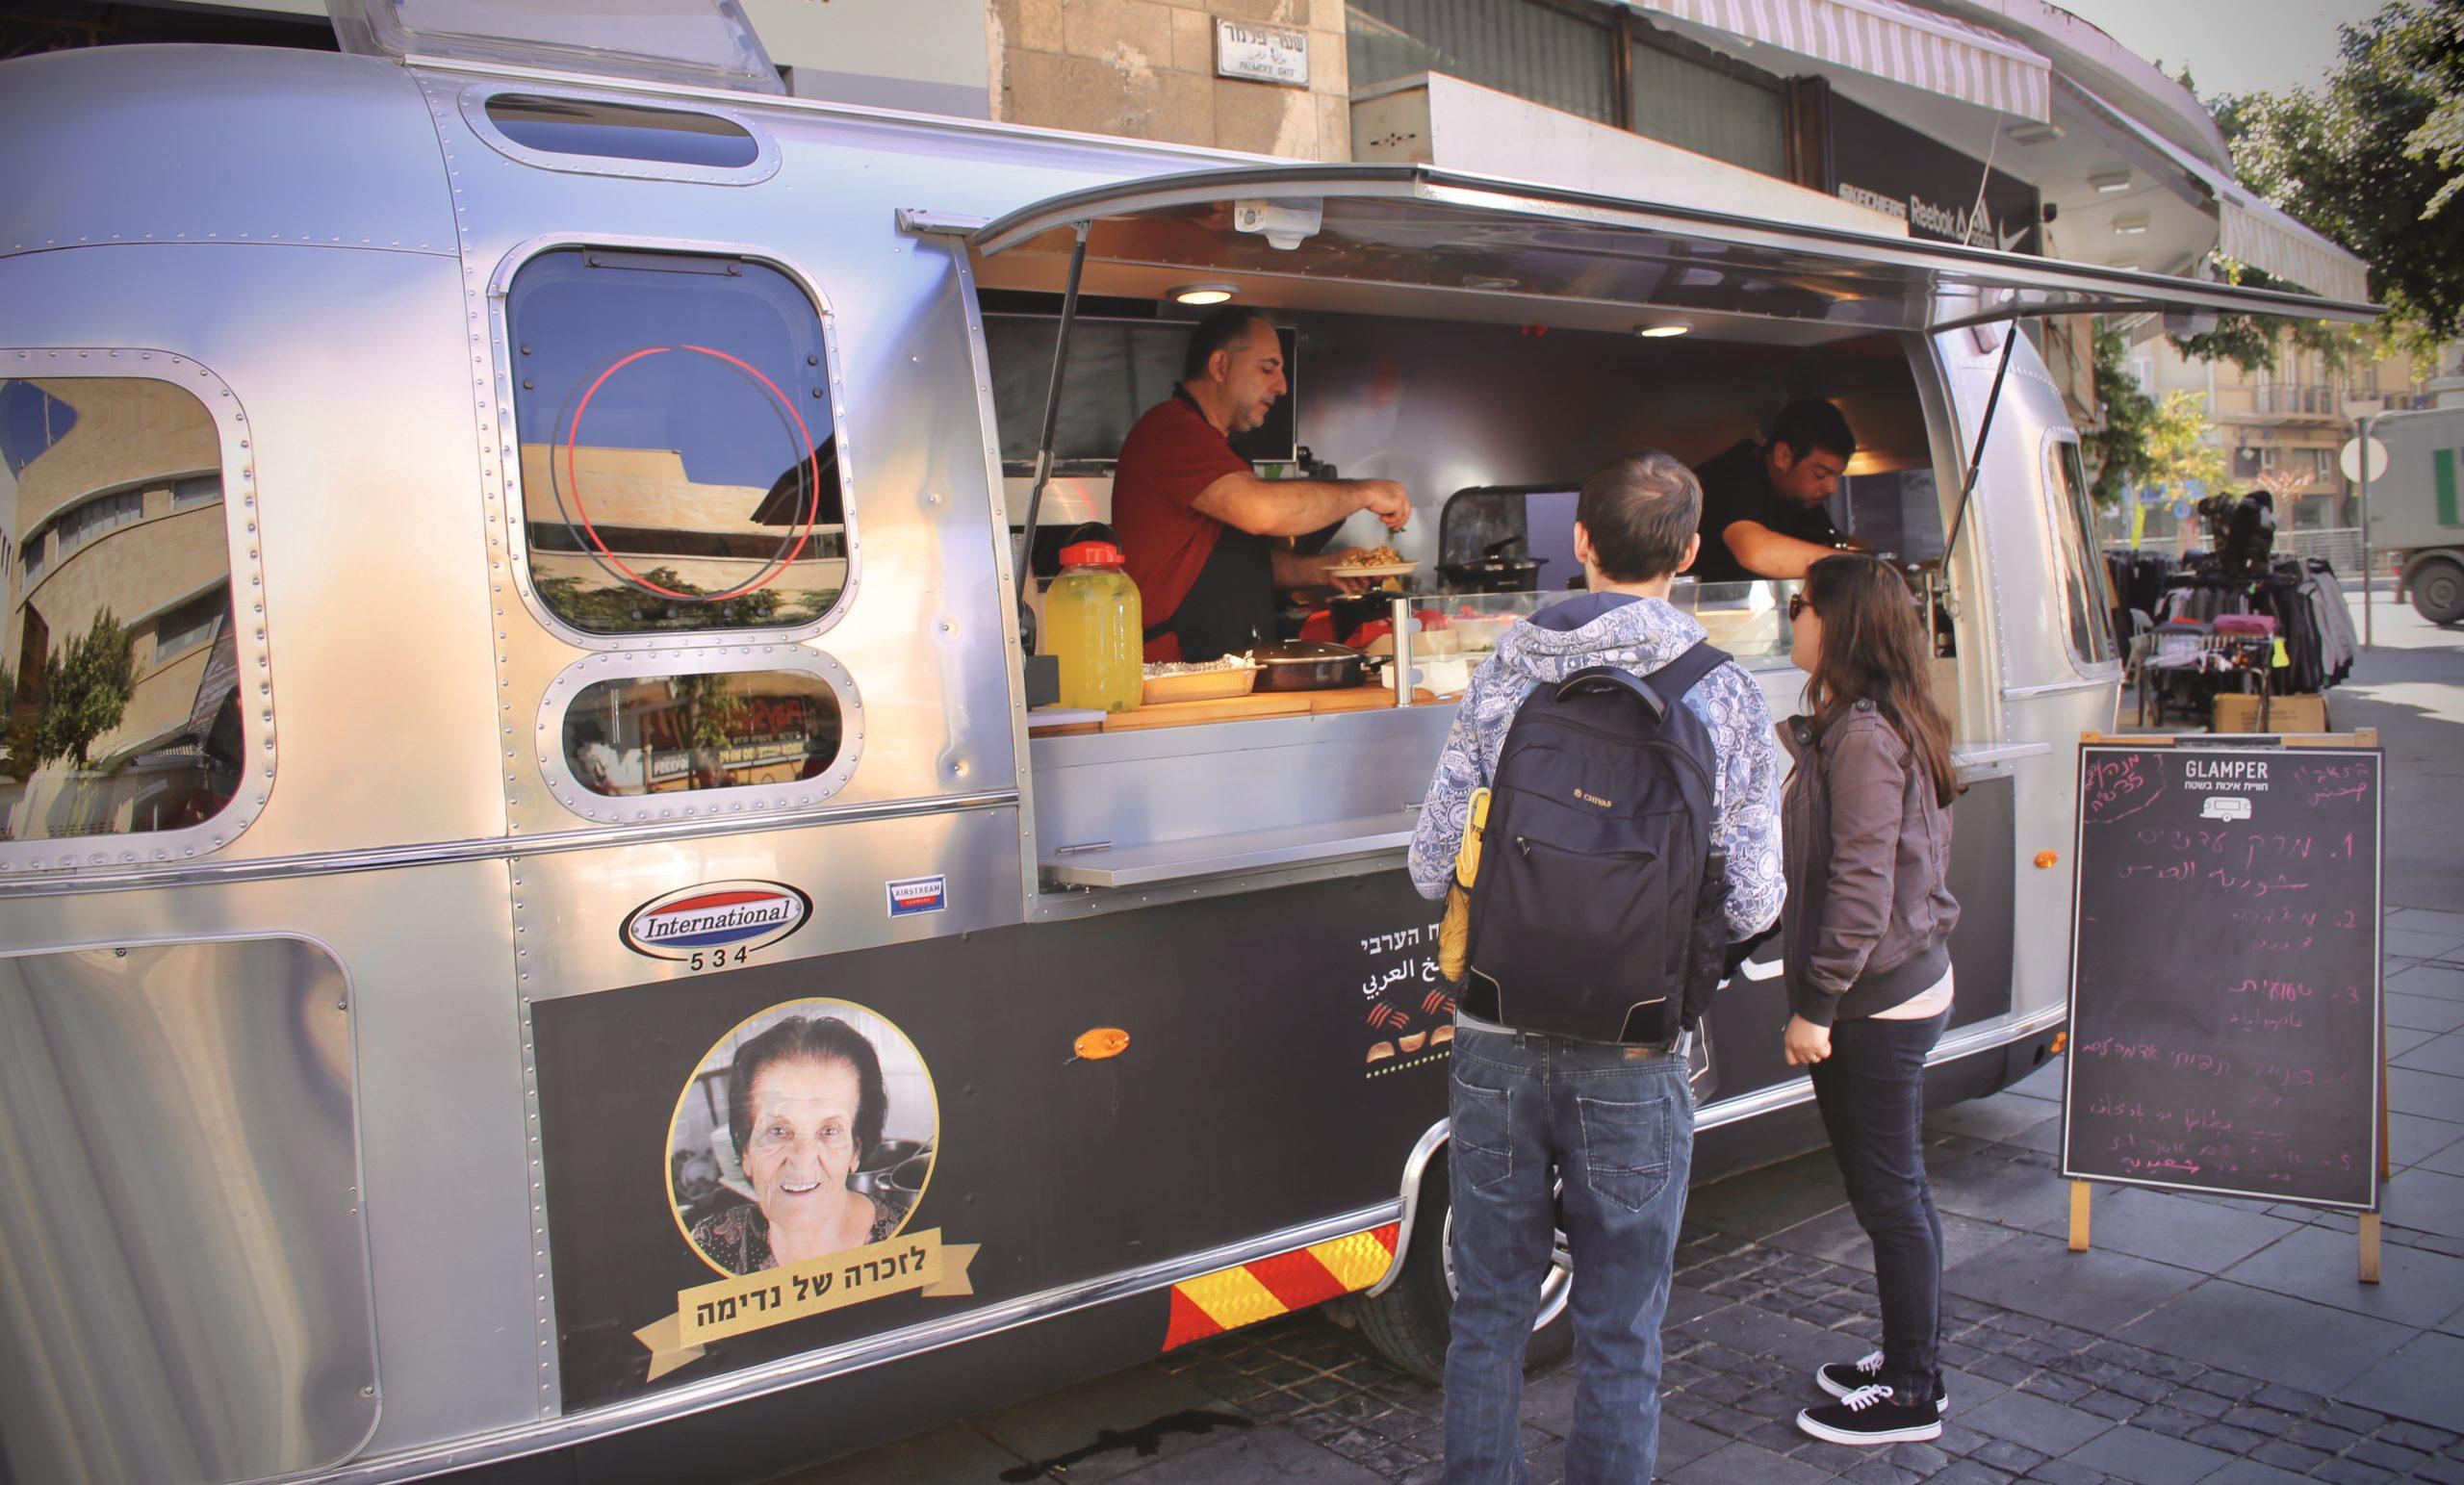 Food Trucks Haifa - Coming Soon